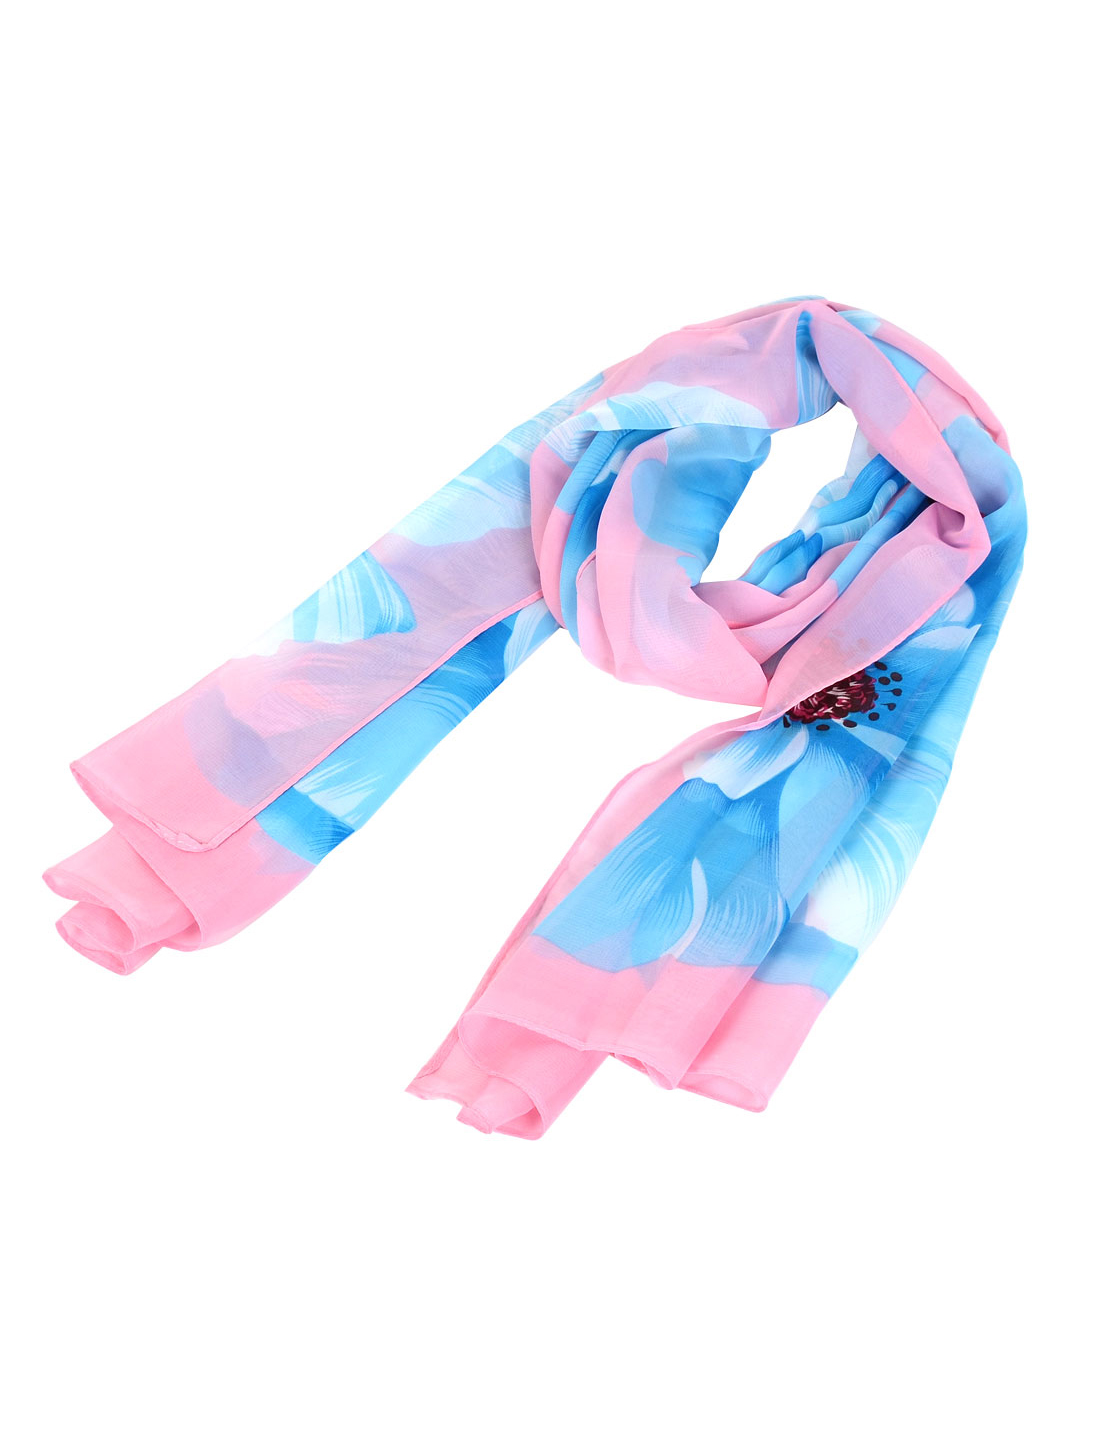 Woman Peony Pattern Chiffon Neck Scarf Shawl Wrap Stole Decoration Pink Blue